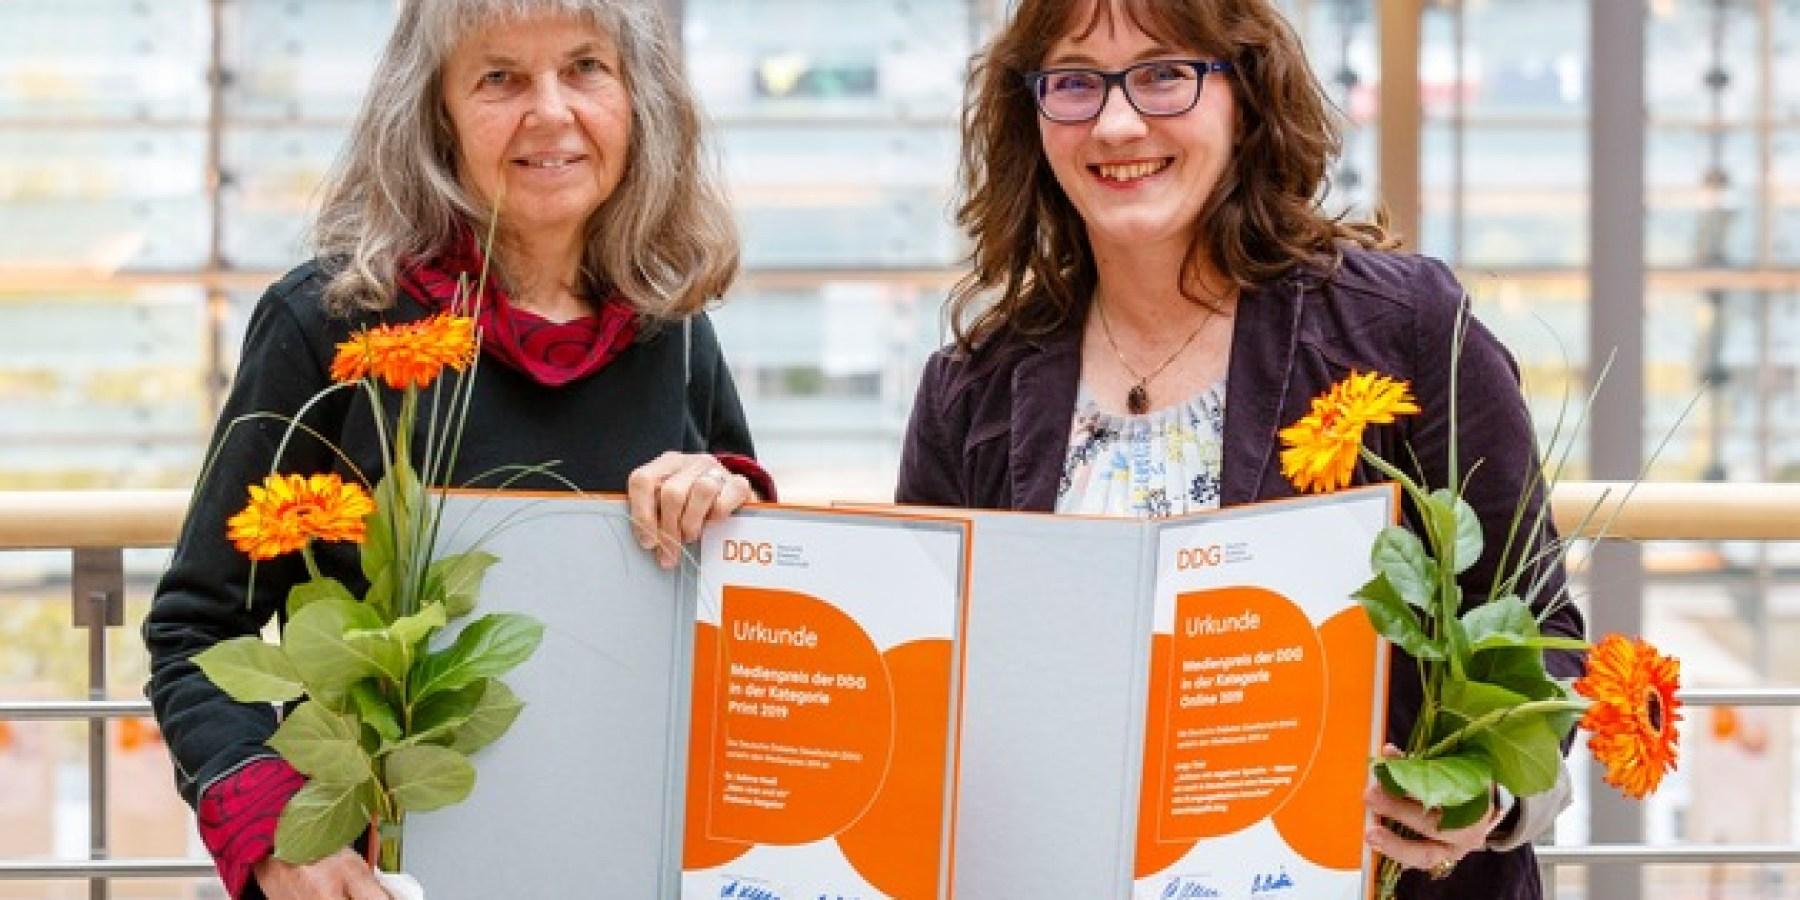 Diabetes Ratgeber gewinnt Medienpreis der Deutschen Diabetes Gesellschaft